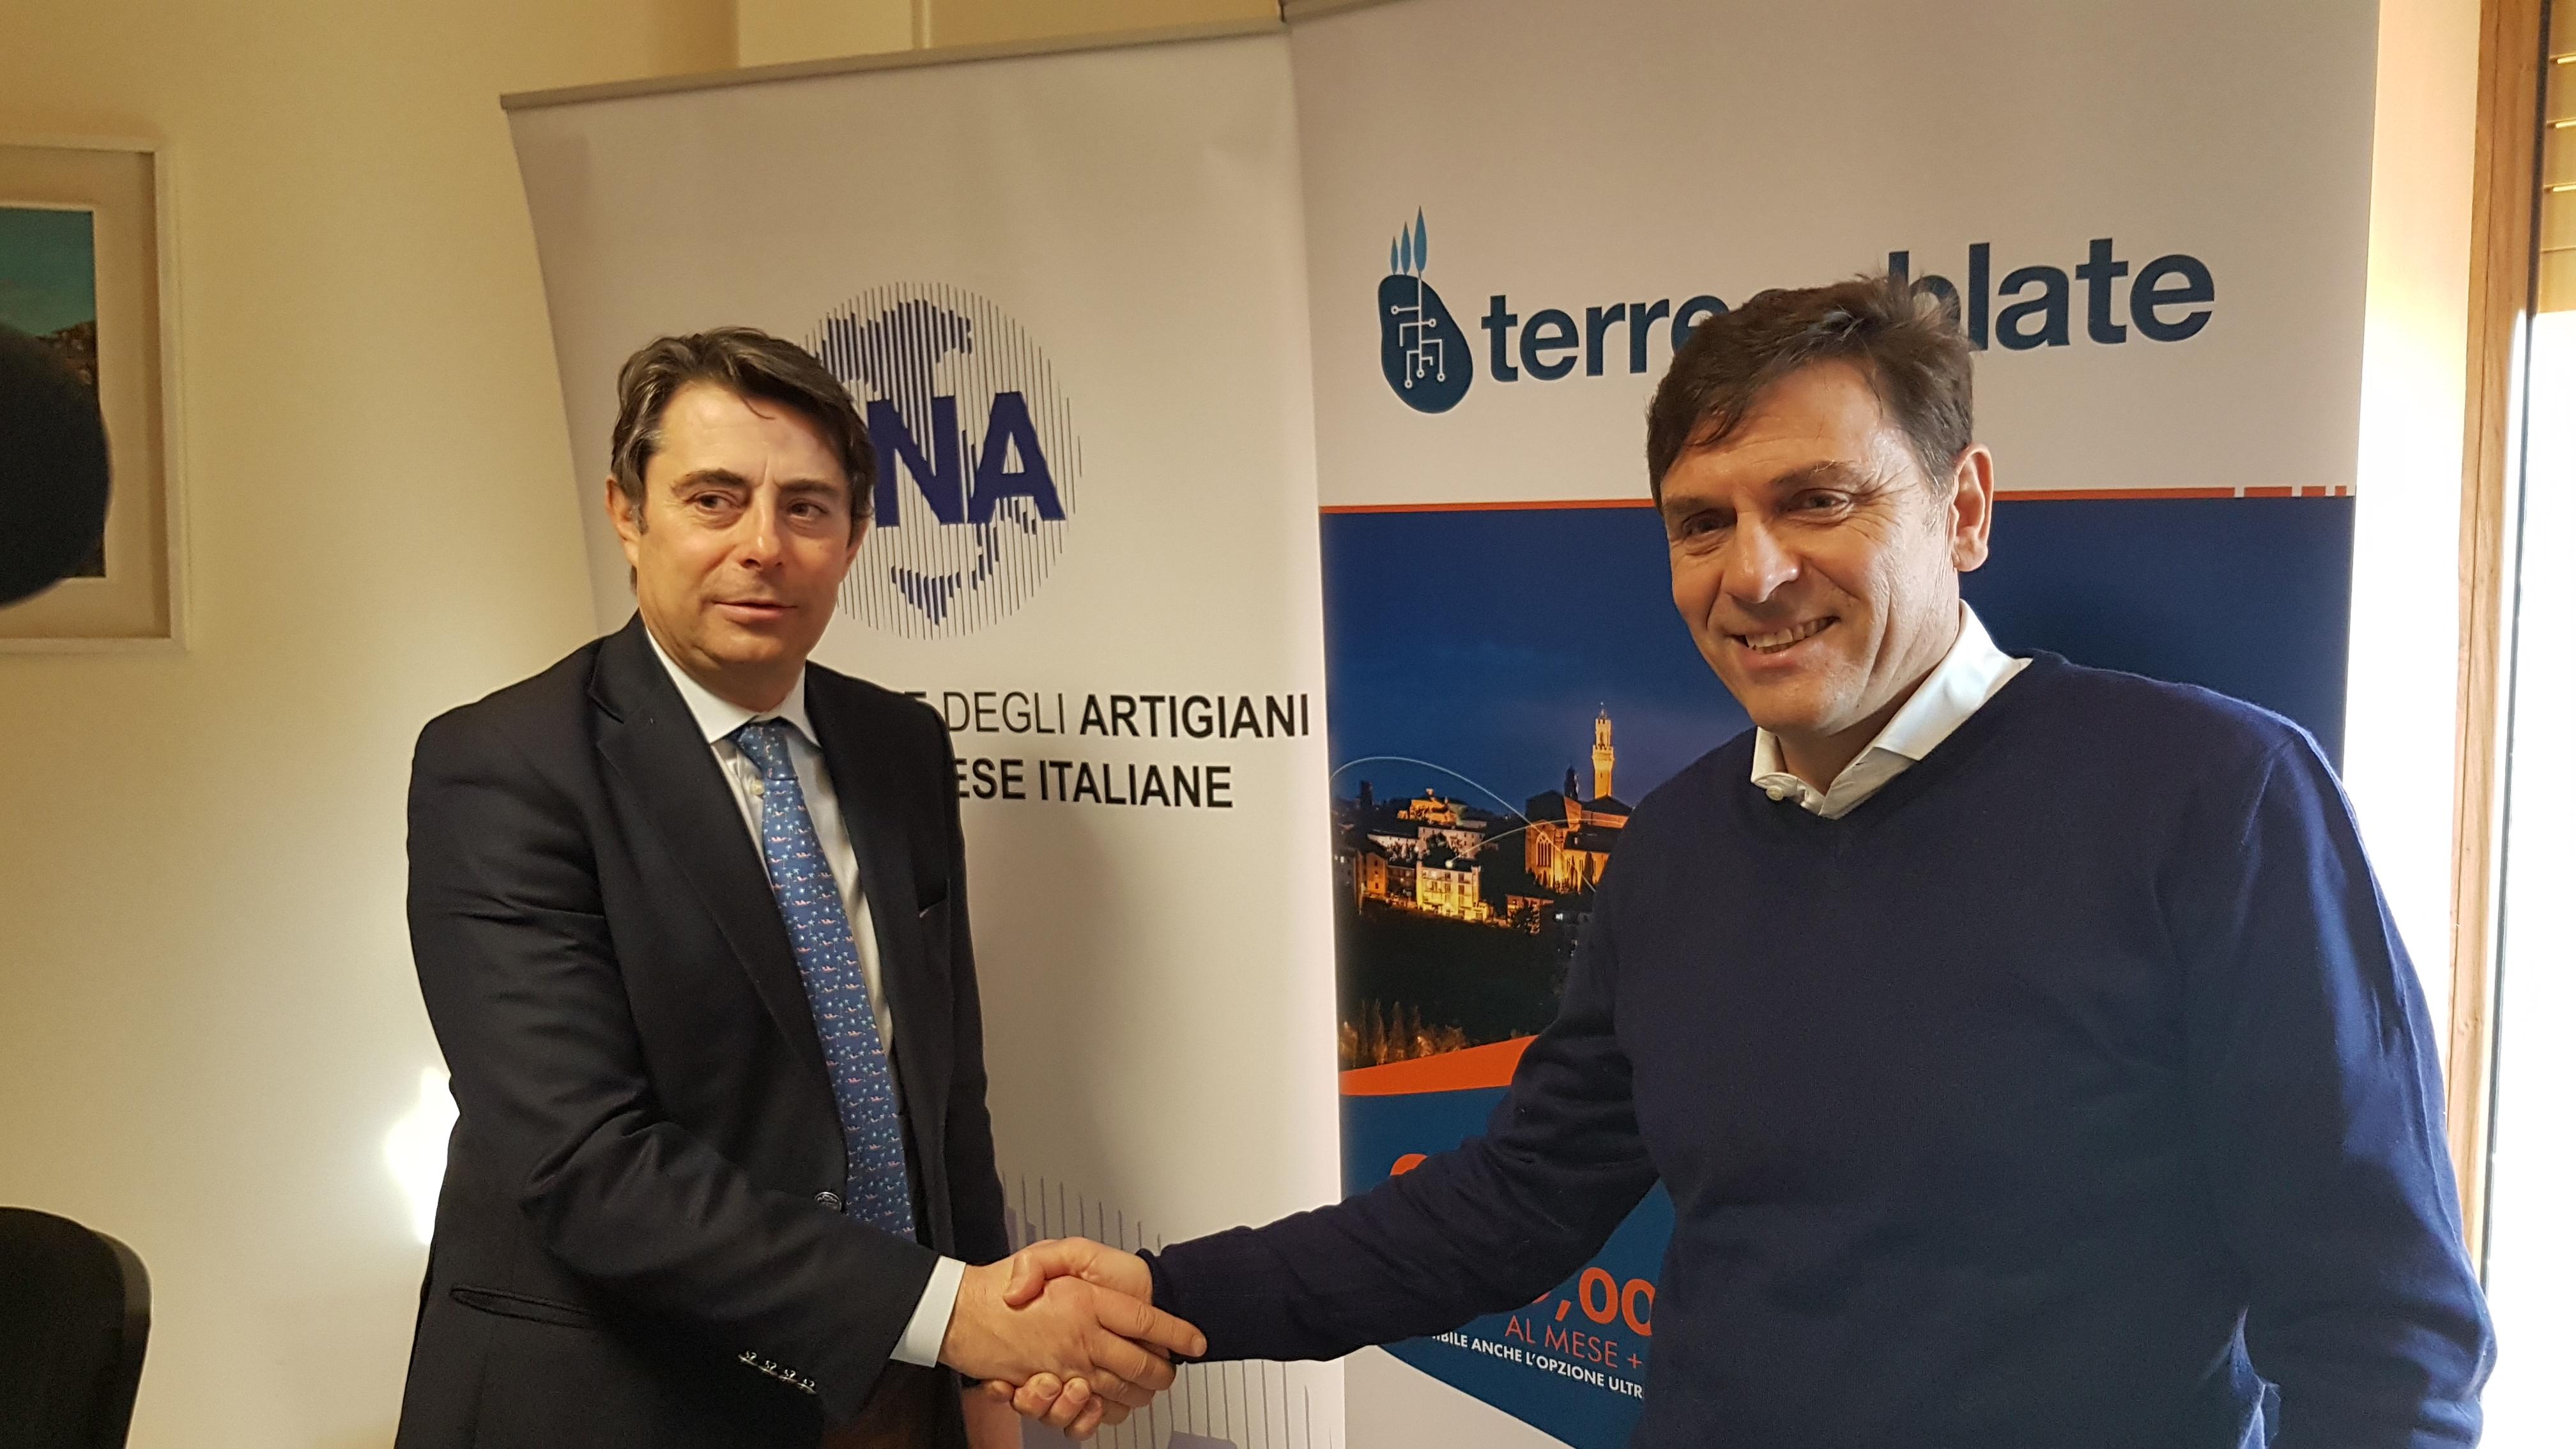 Rete e web di qualità con l'accordo  siglato fra Cna Siena e Terrecablate